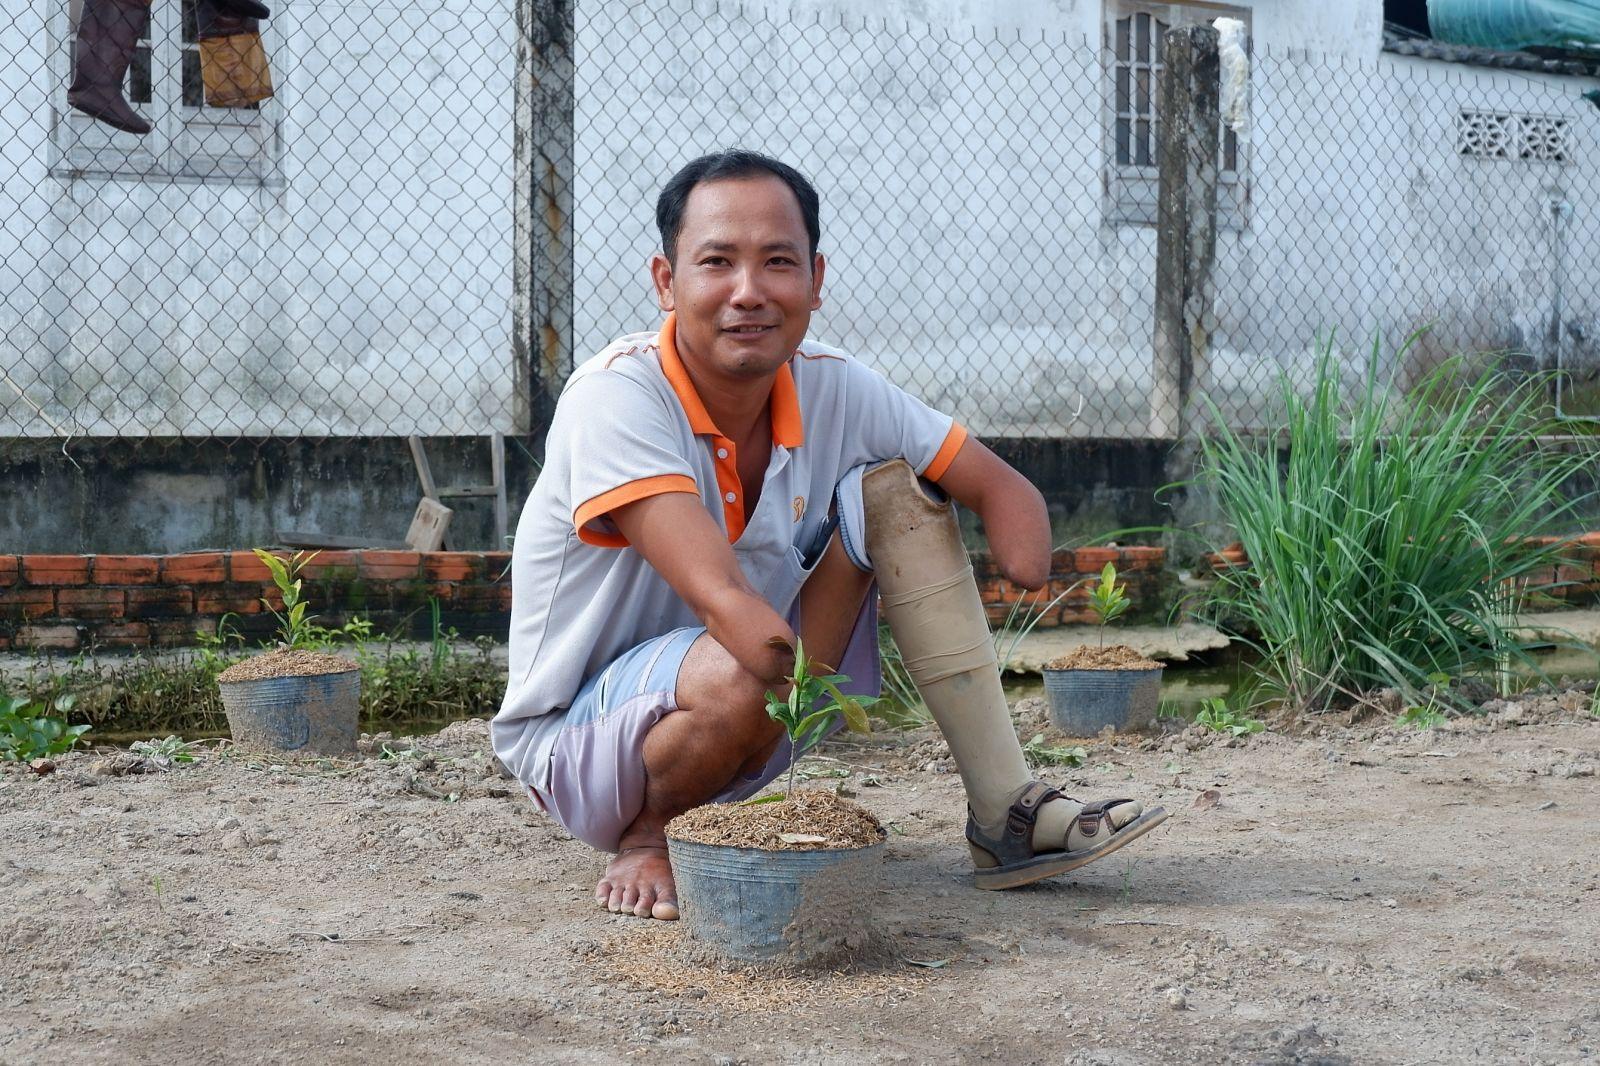 Không buông xuôi cho số phận, anh Trần Văn Đến luôn nỗ lực vươn lên trong cuộc sống đời thường